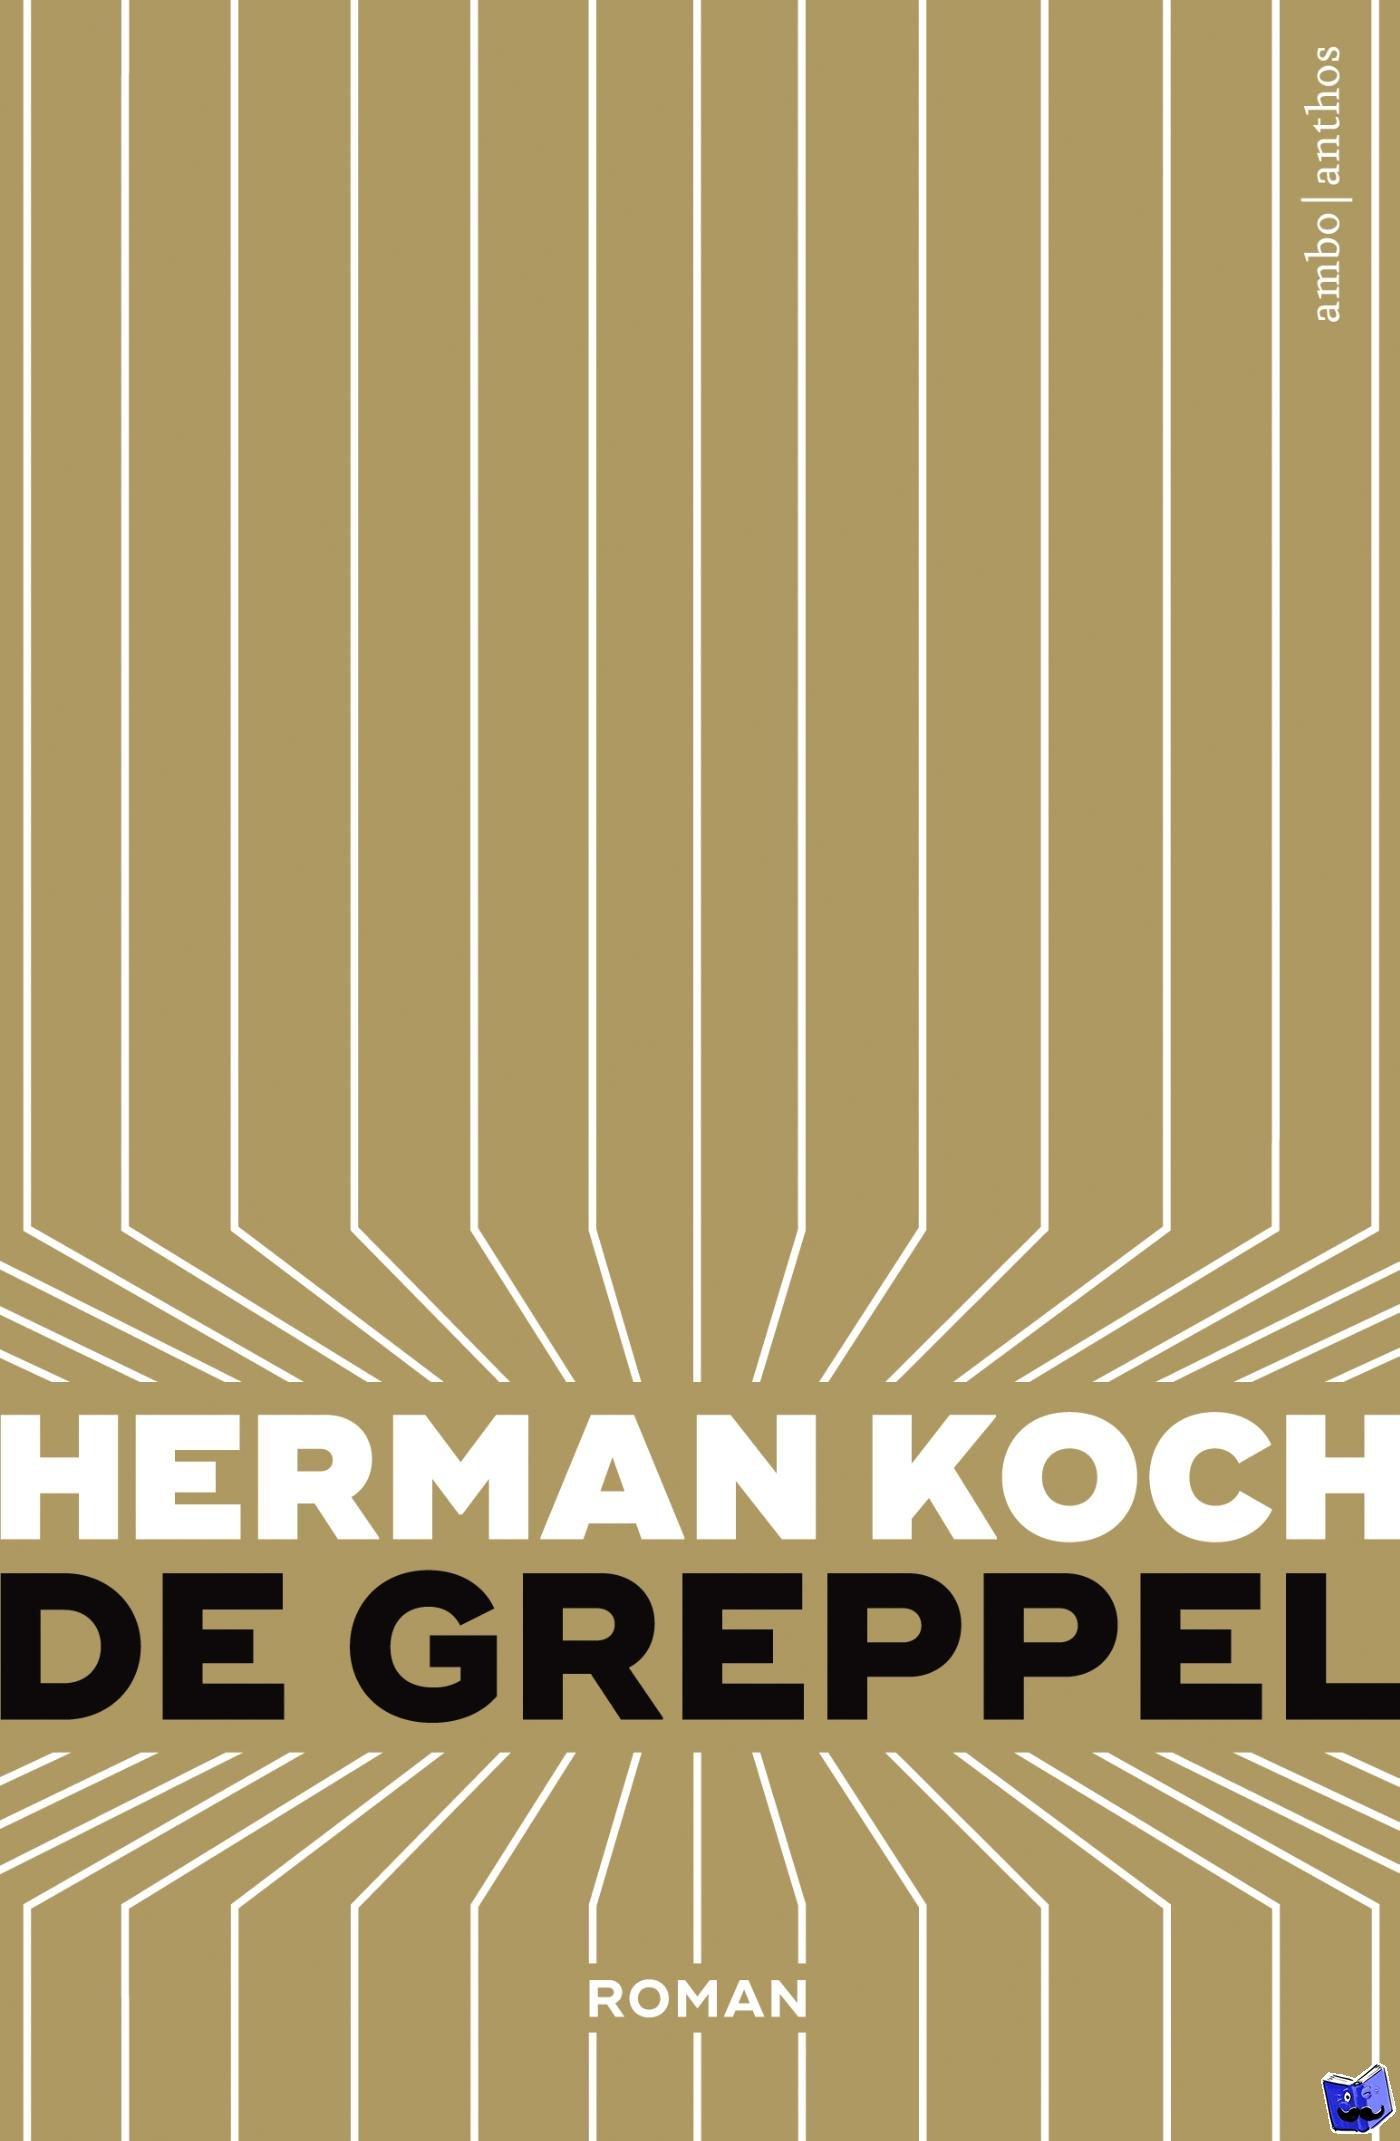 Koch, Herman - De greppel